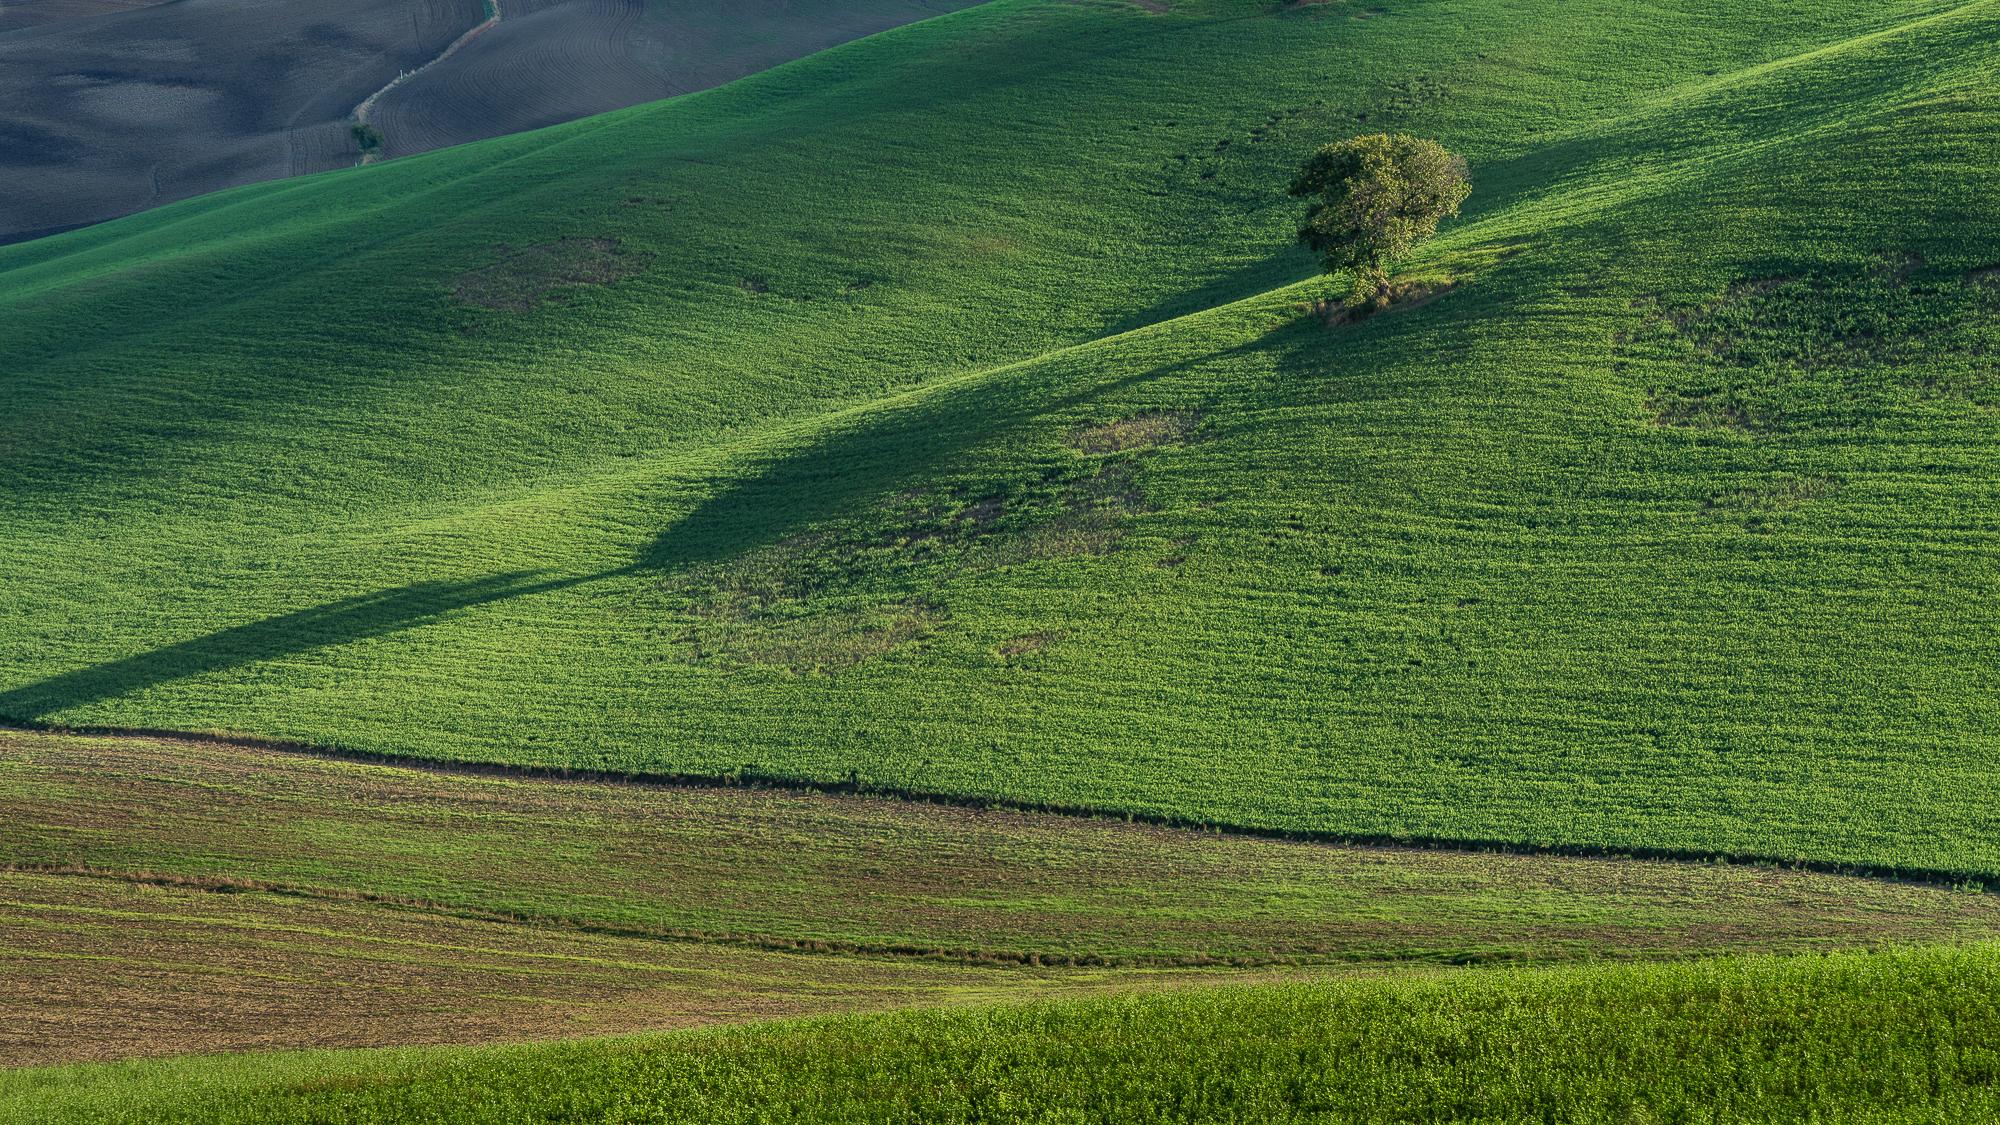 Tuscany Green peace, Italy